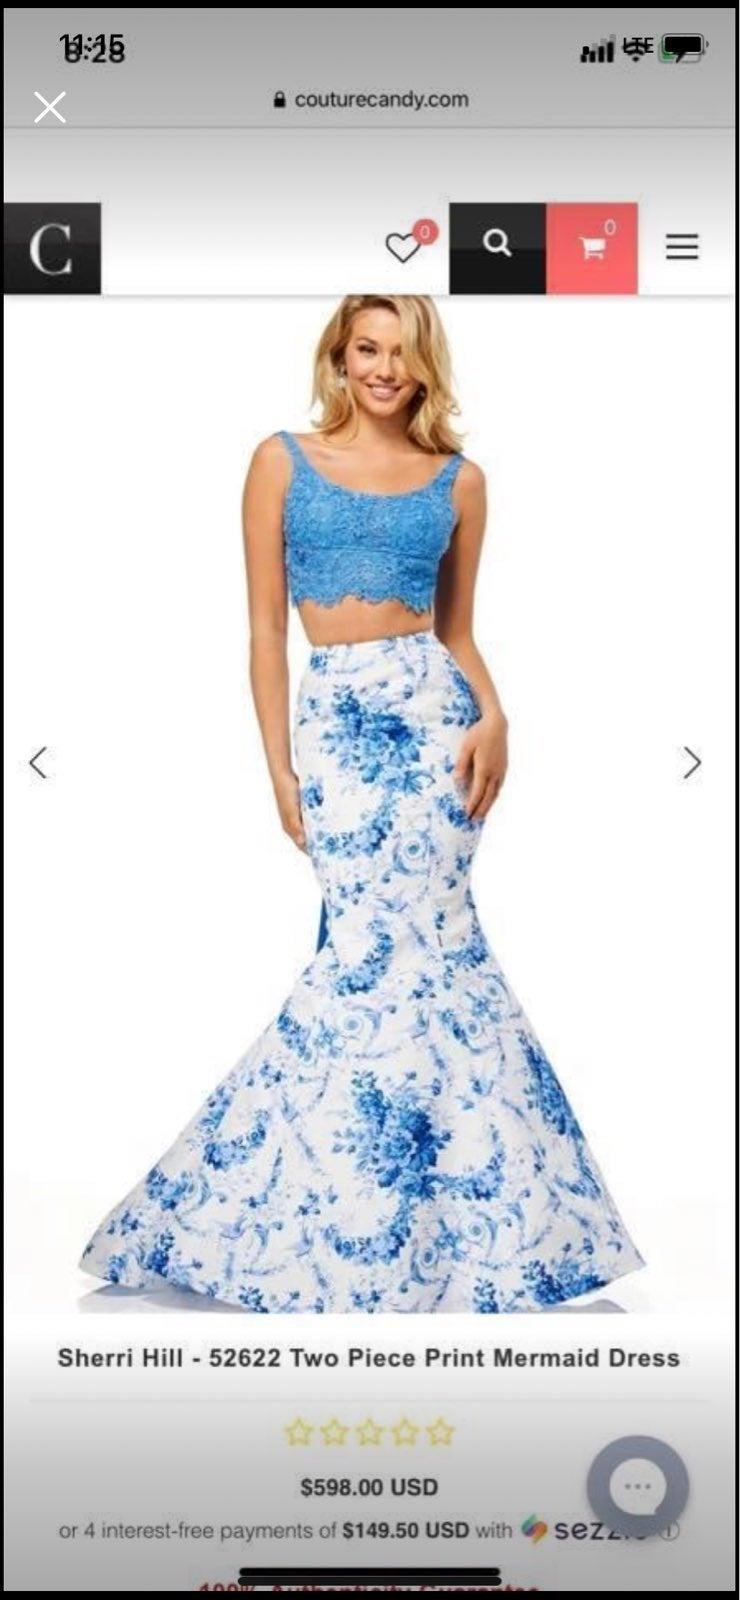 sherri hill Prom dress 2 piece.